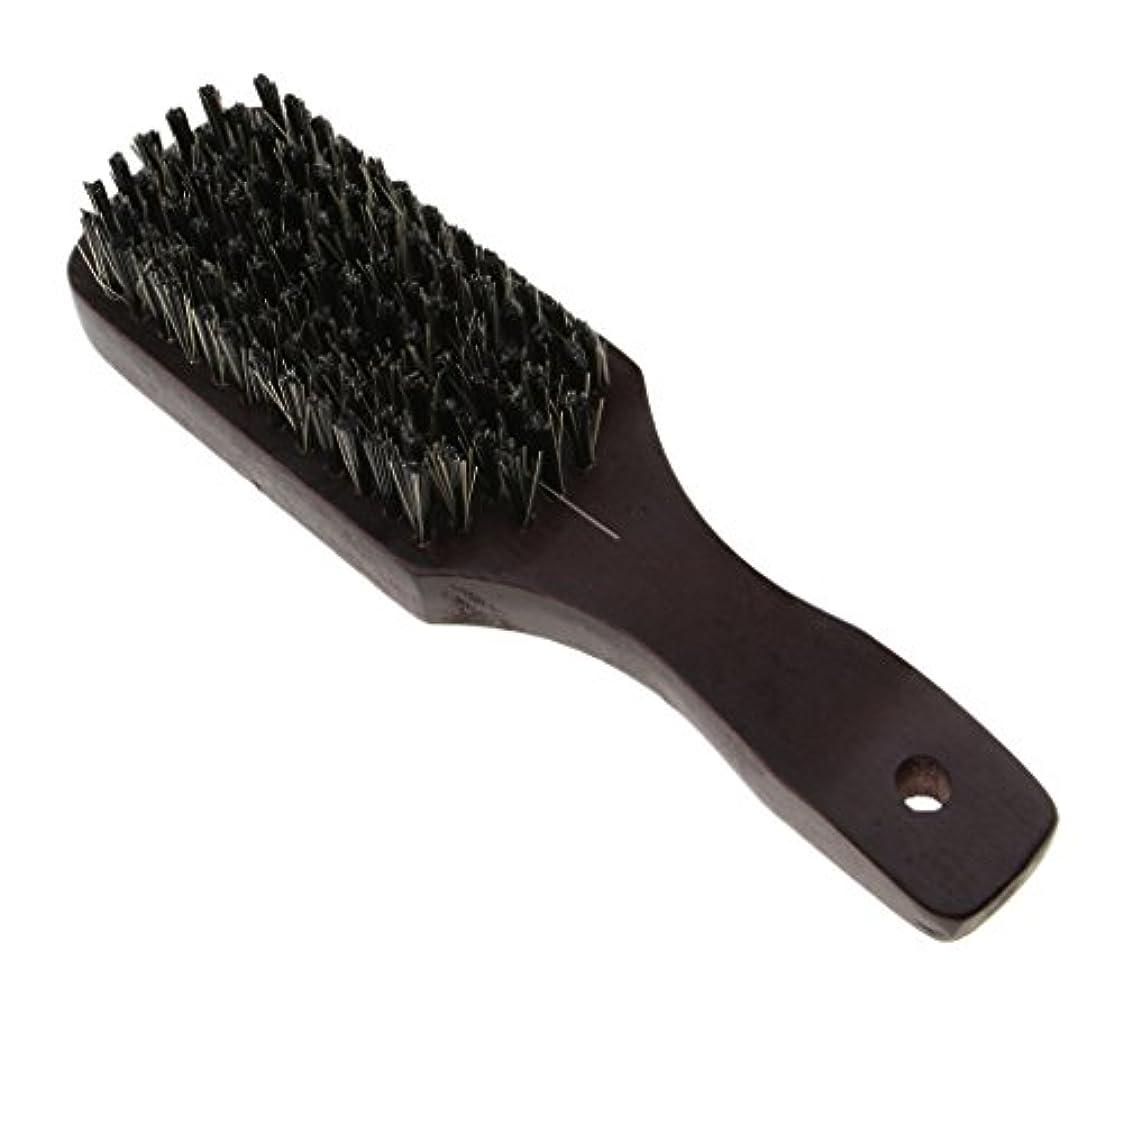 証明する読書かもしれないDYNWAVE ヘアブラシ 髪の櫛 木製 サロン バリバー アフロ ヘアピック ブラシ 櫛